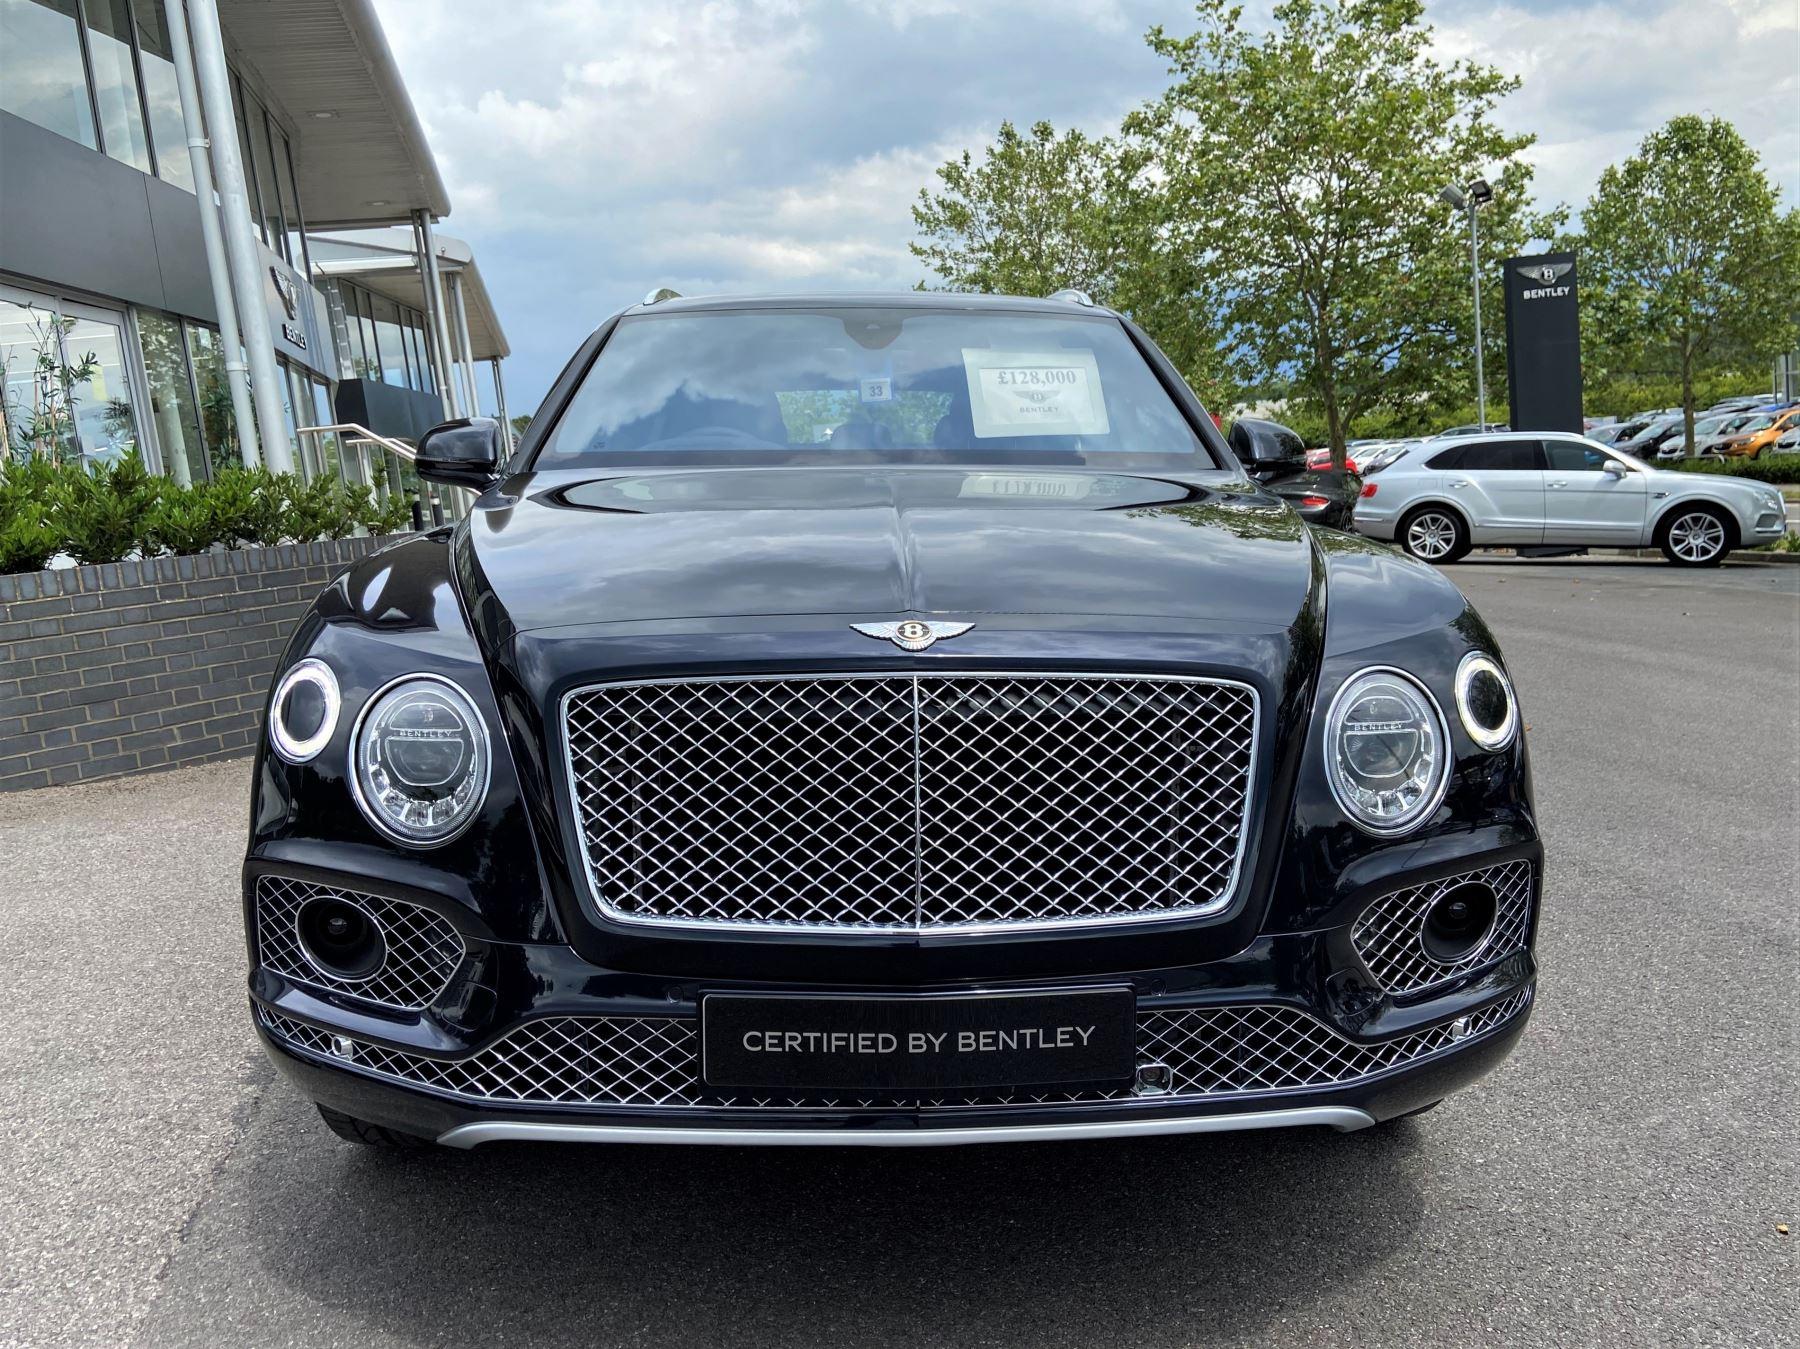 Bentley Bentayga 4.0 V8 5dr Mulliner Driving Specification image 1